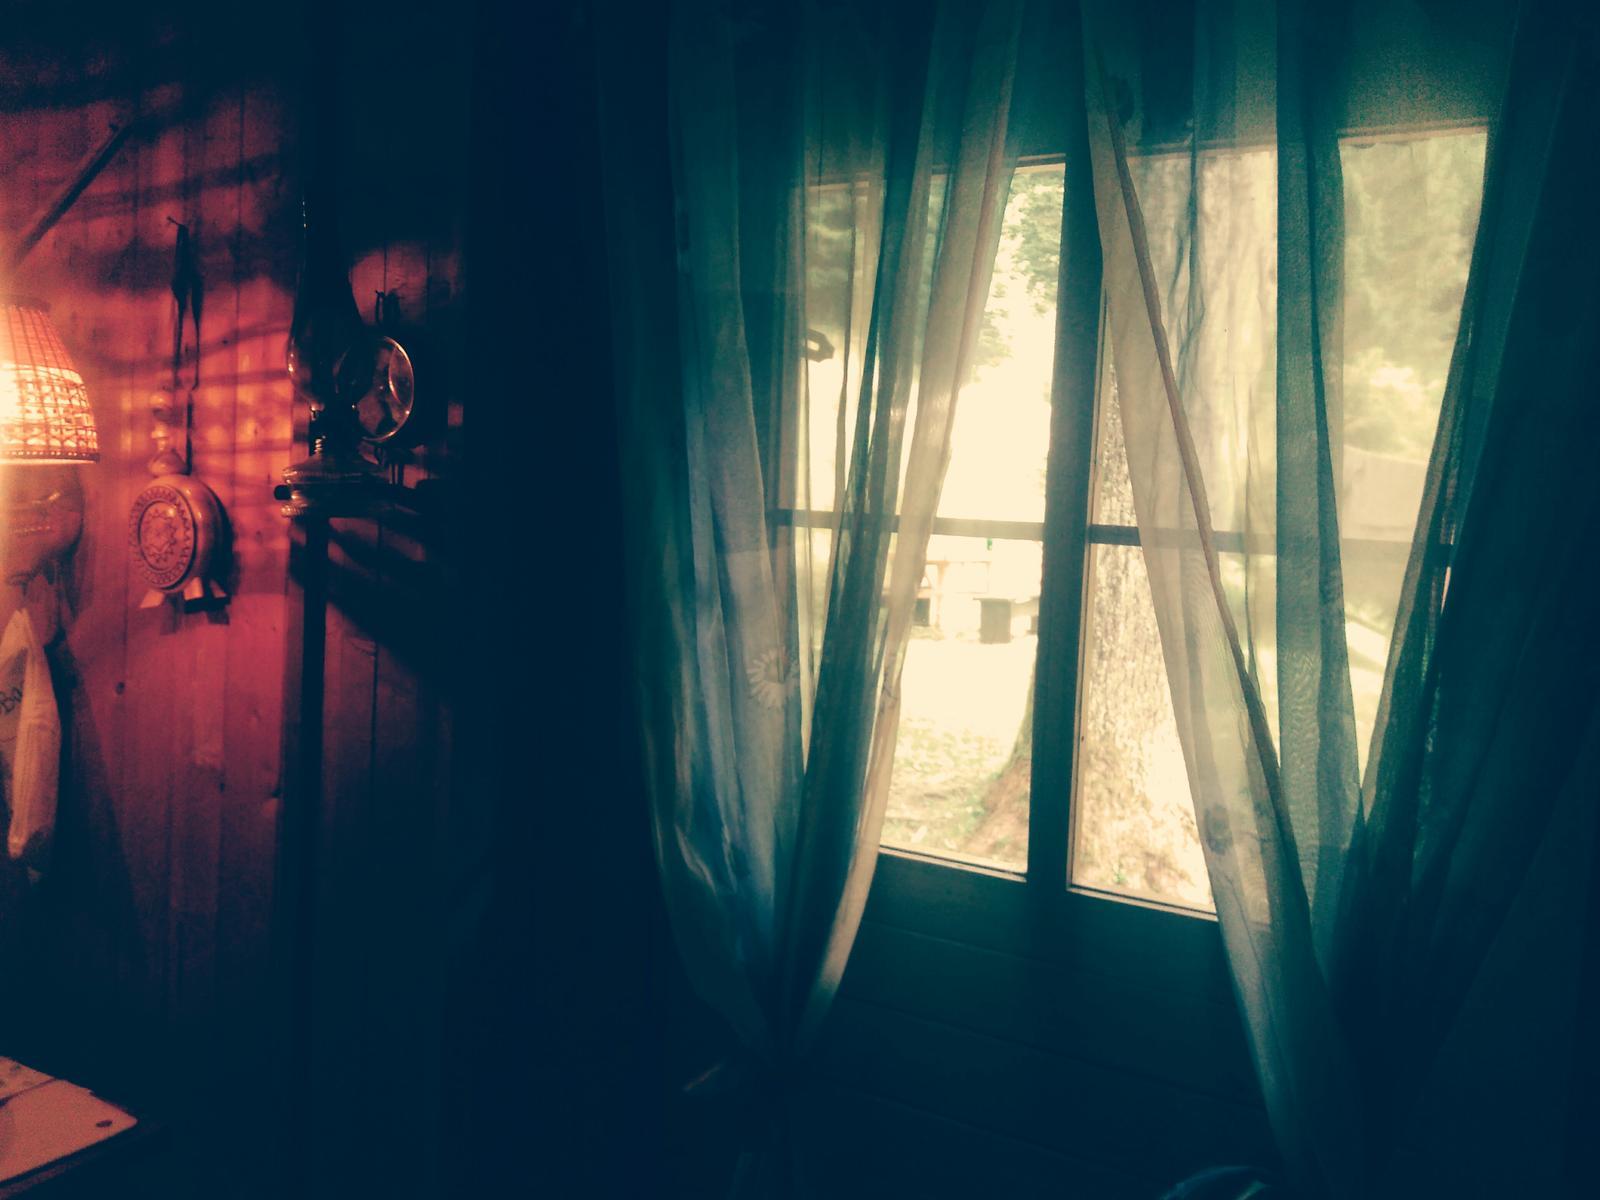 U nas na drevenici. - Obrázok č. 483